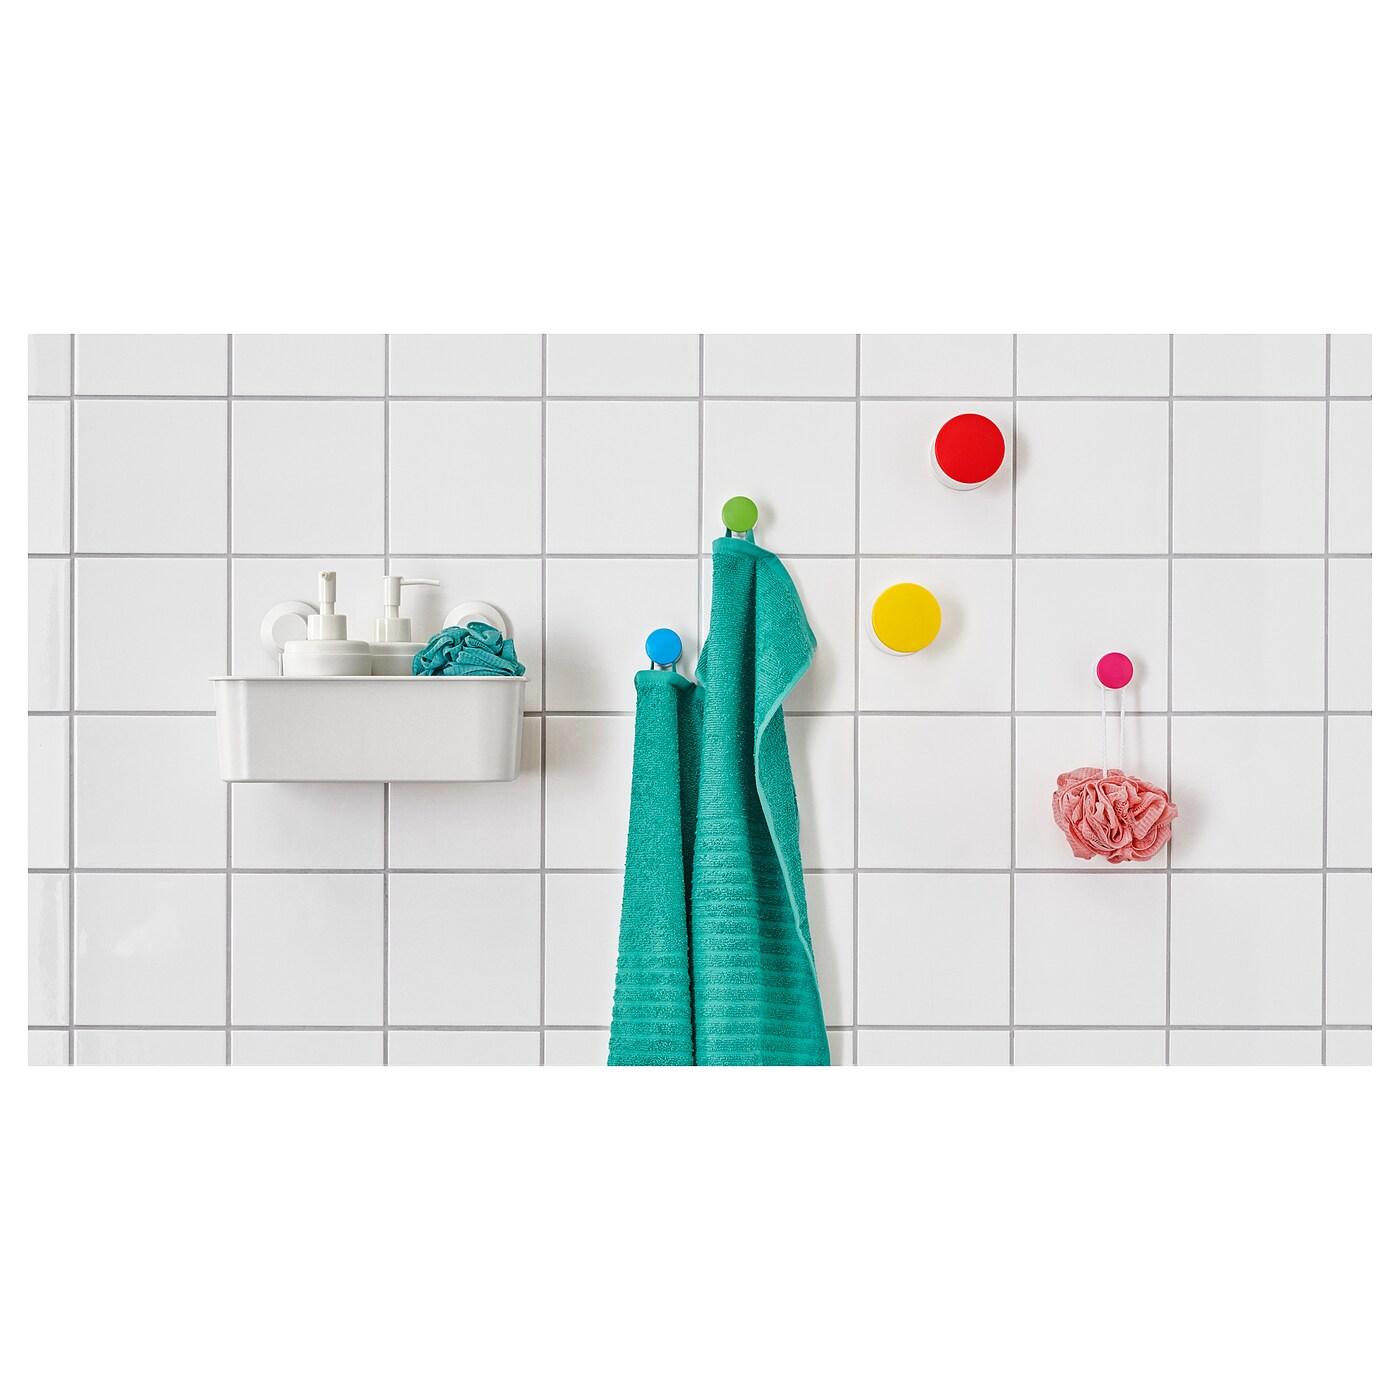 Full Size of Handtuchhalter Ikea Losjn Aufhnger In Verschiedenen Farben 5 Stck Haken Küche Miniküche Kaufen Betten Bei 160x200 Sofa Mit Schlaffunktion Kosten Modulküche Wohnzimmer Handtuchhalter Ikea